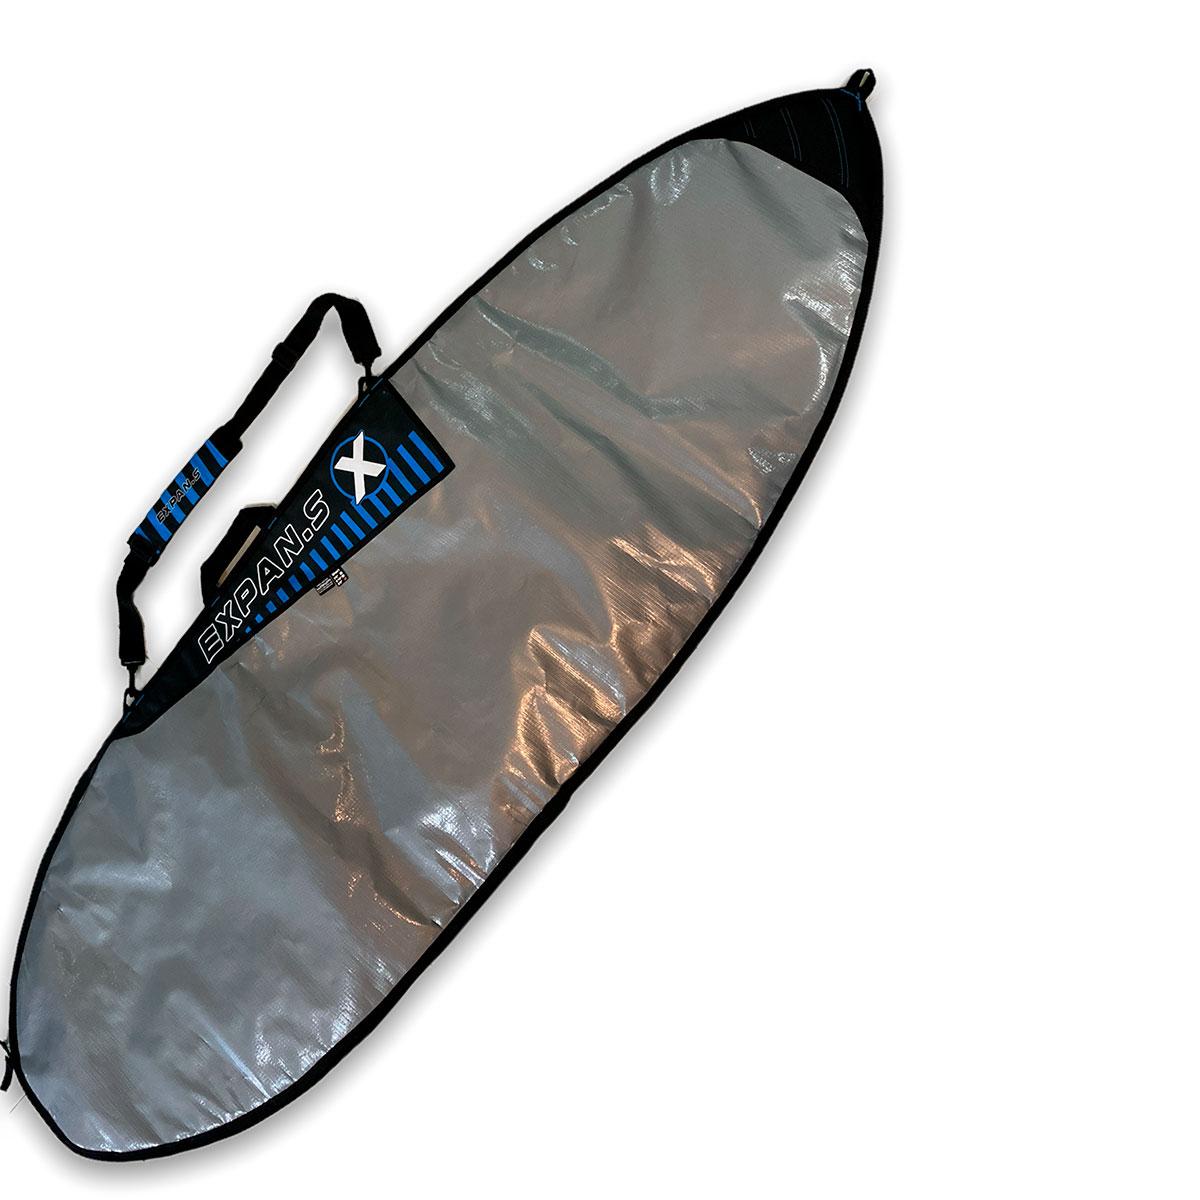 Capa refletiva para surf, fish, fun e long - PROTECTION